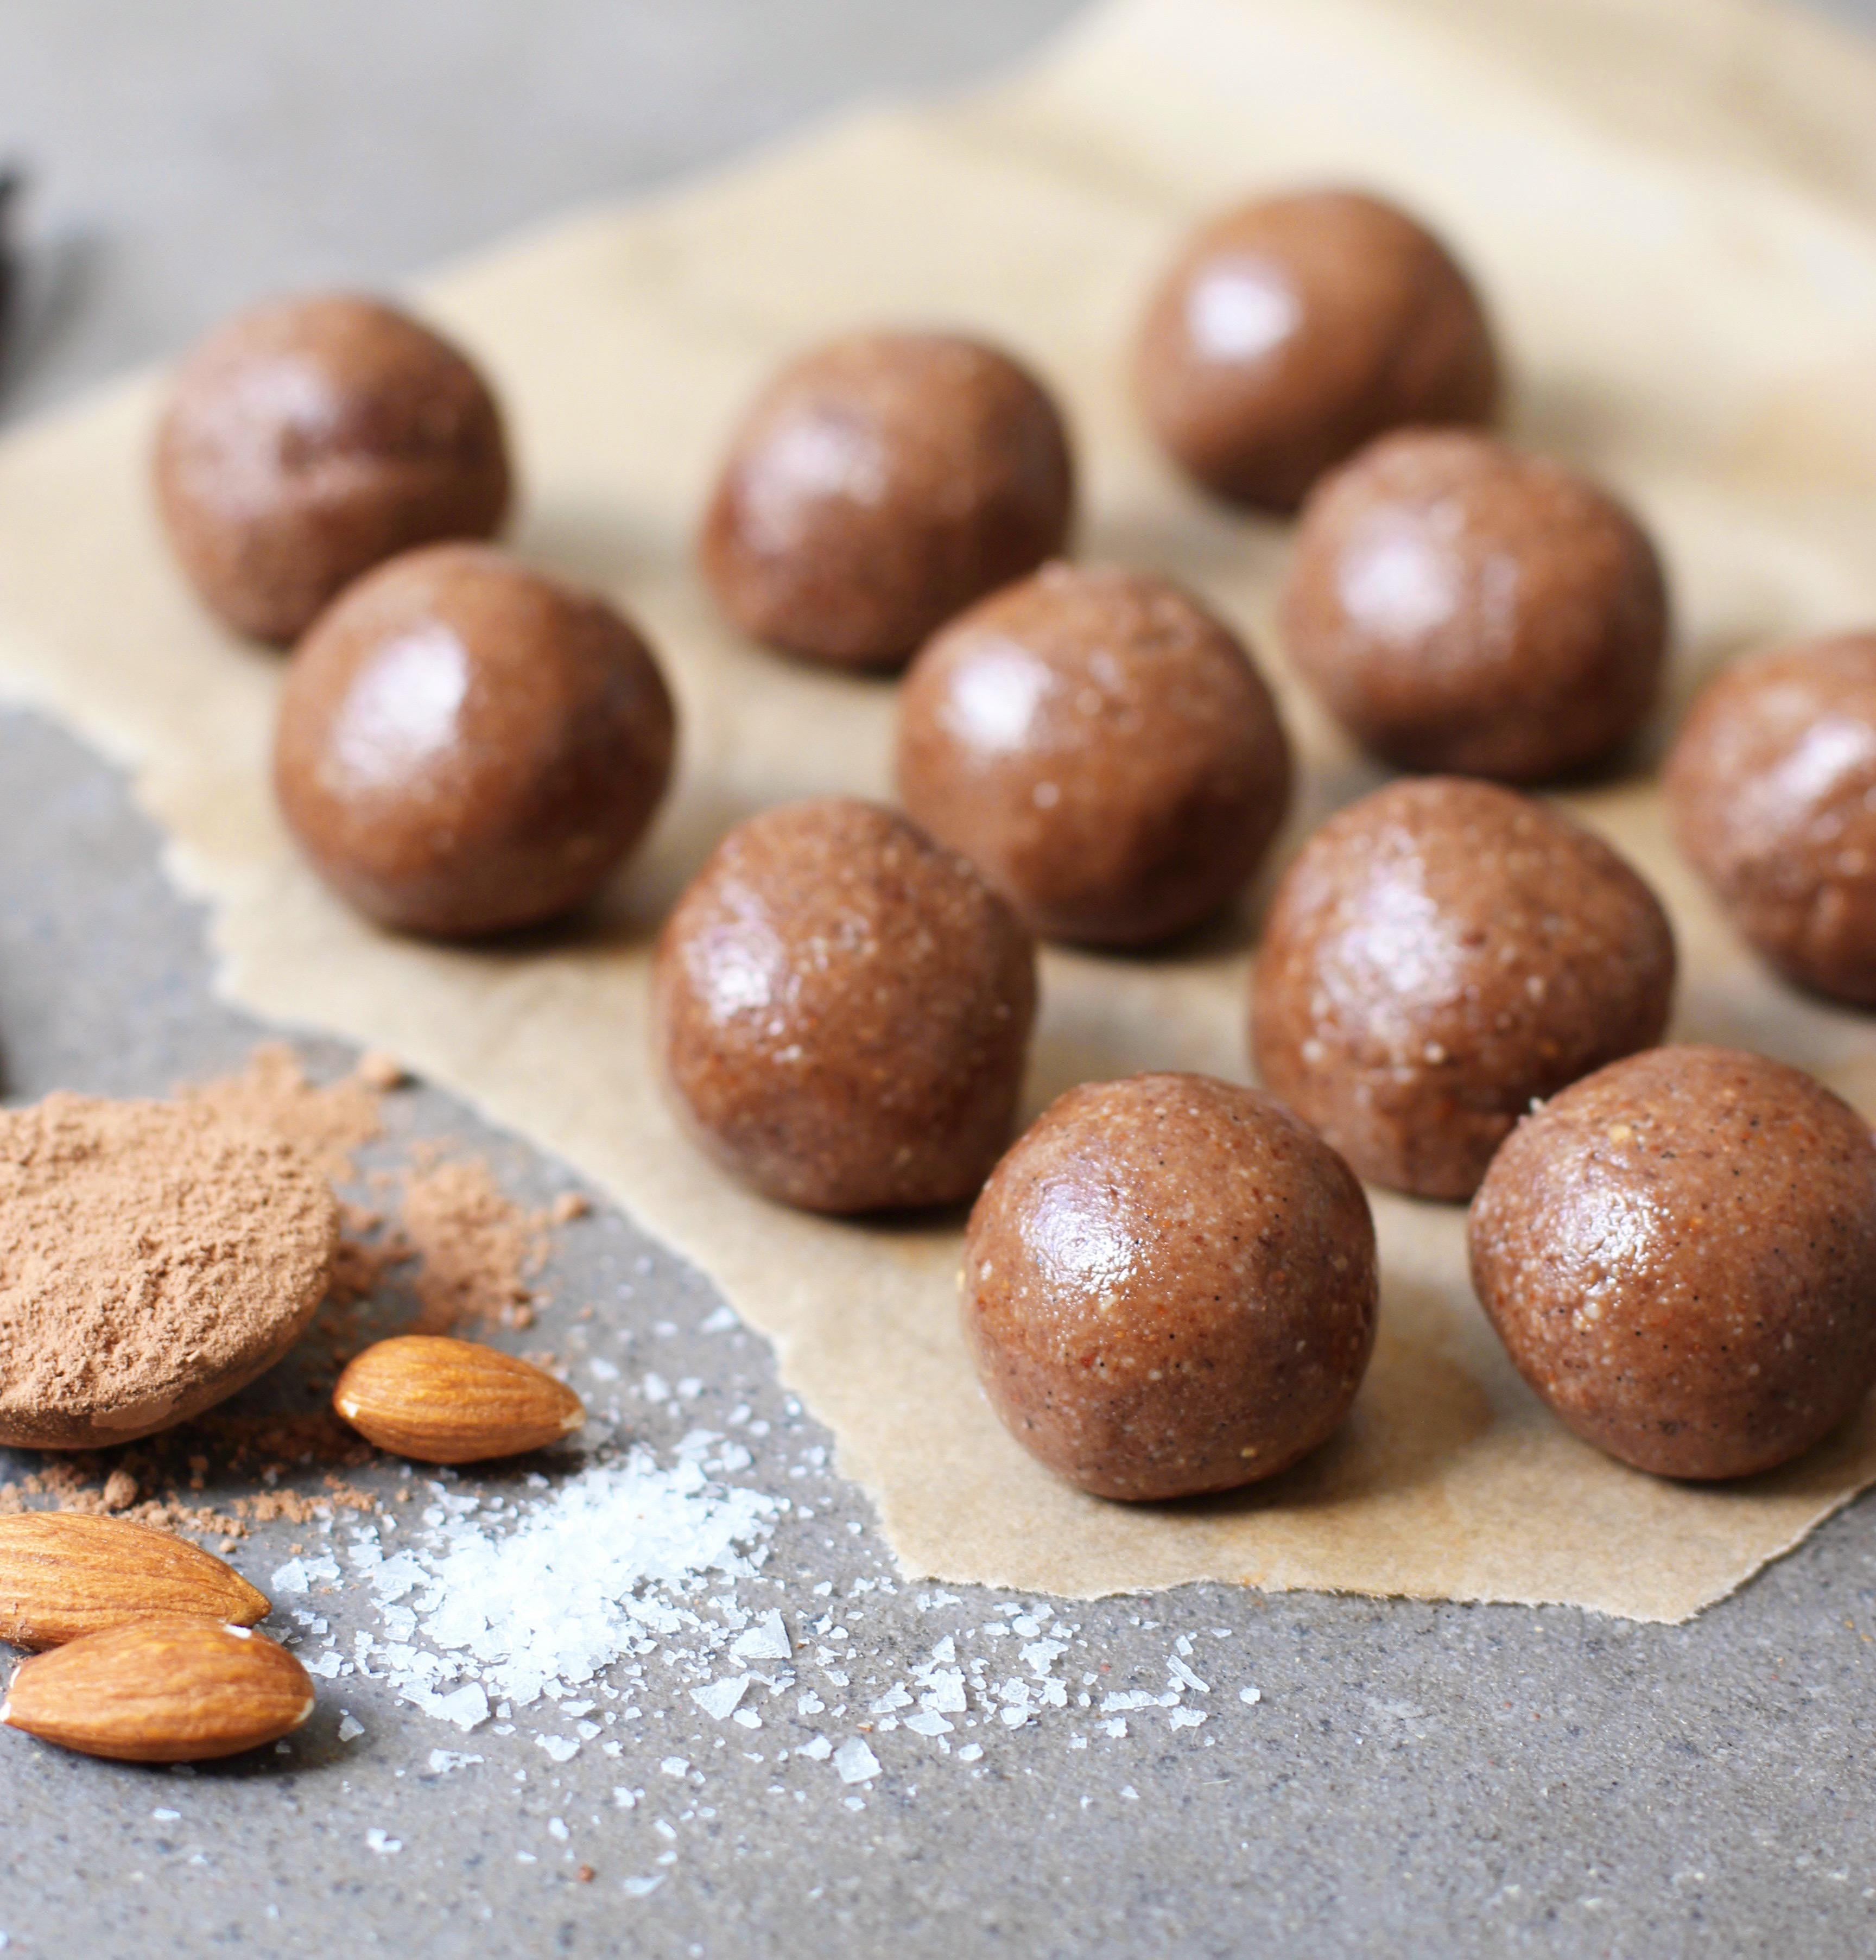 Almond cacao balls 1